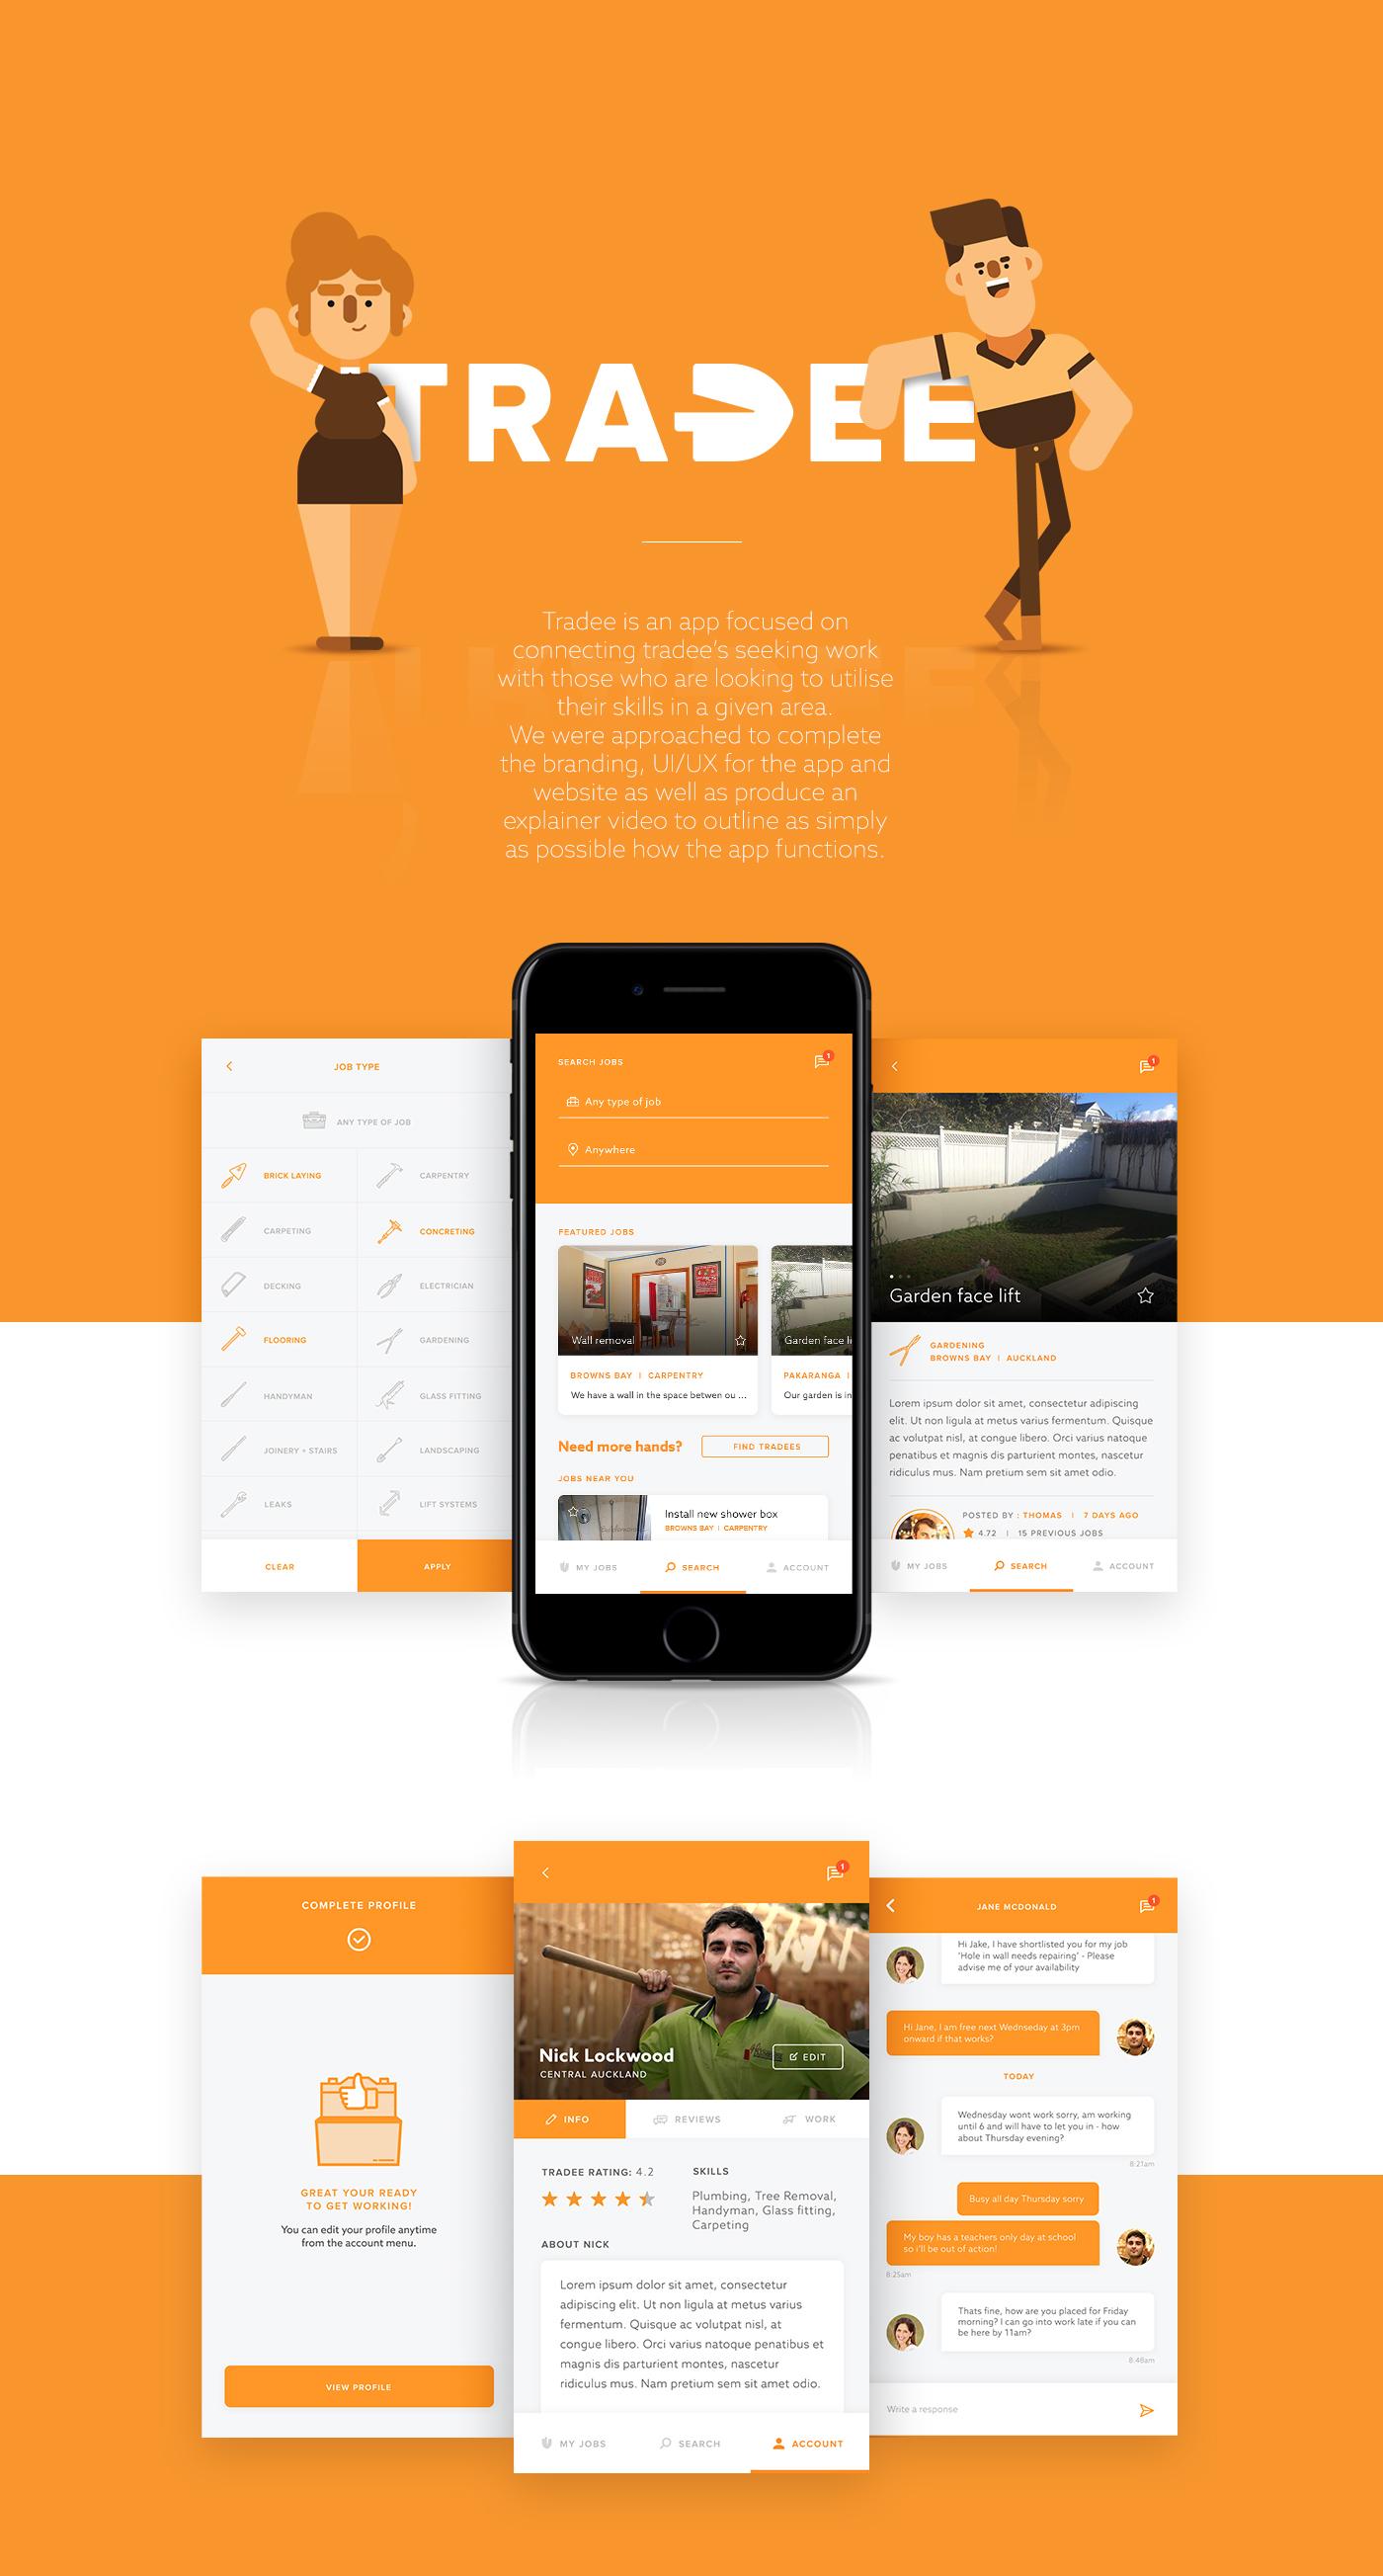 tradee app design explainer video ui ux motion graphics  Web Design